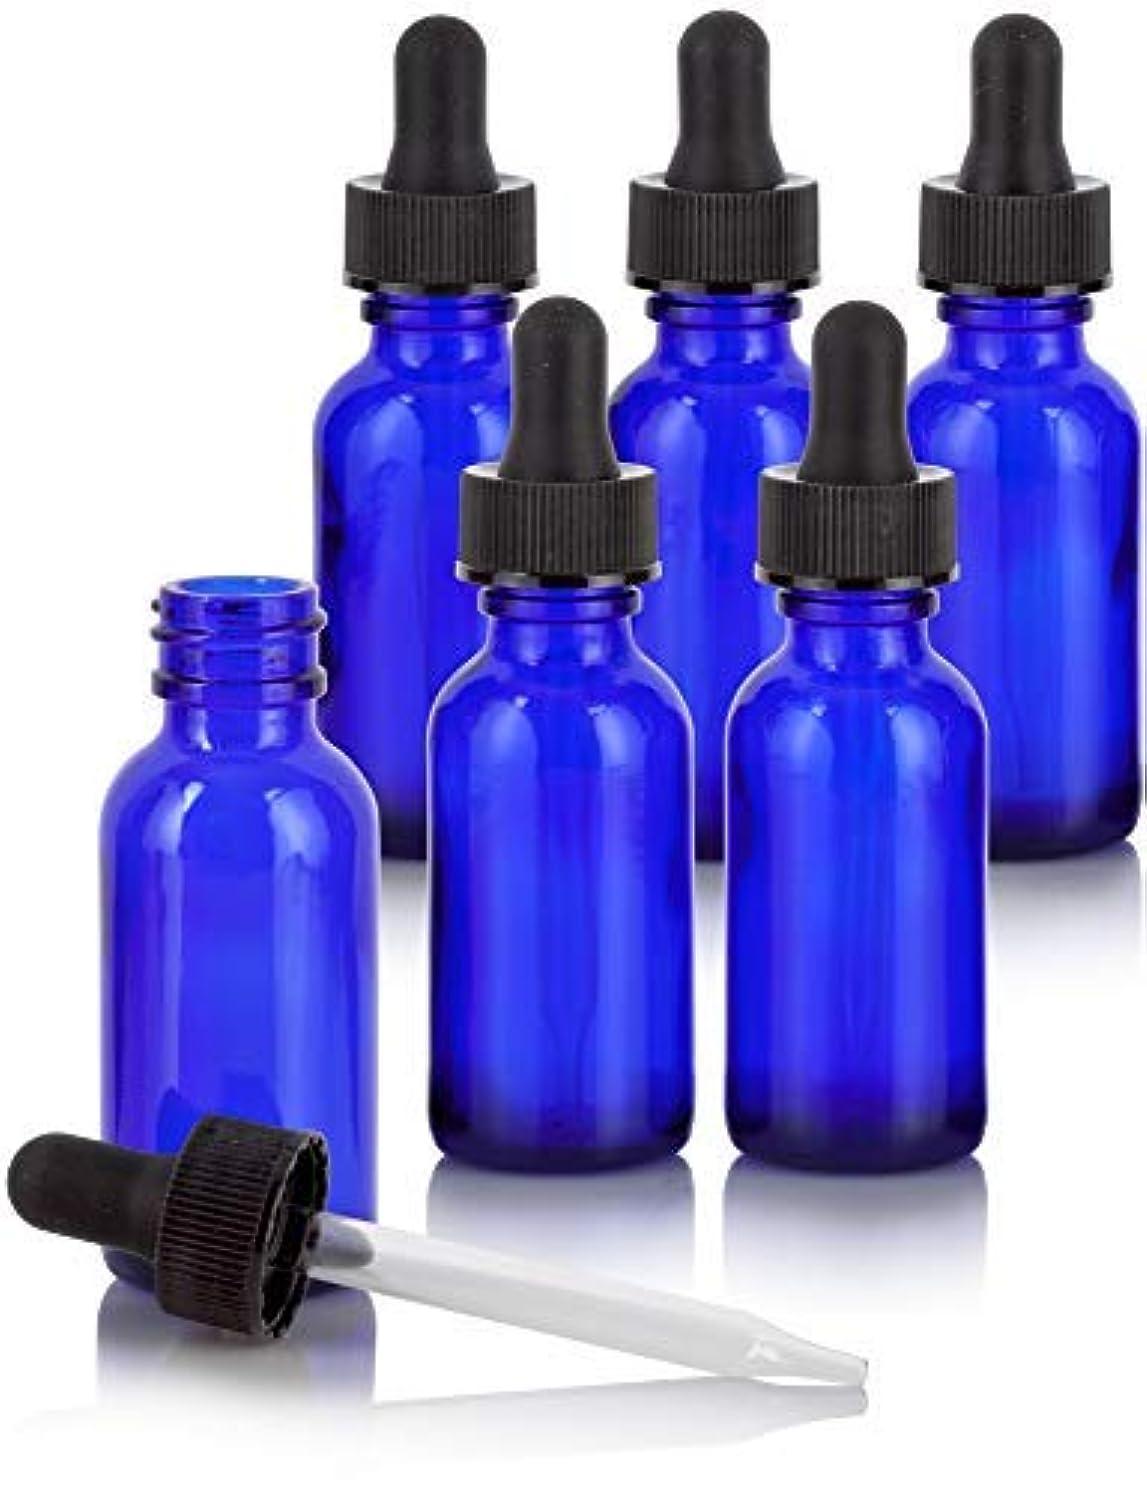 評判義務的冗談で1 oz Cobalt Blue Glass Boston Round Dropper Bottle (6 Pack) + Funnel and Labels for Essential Oils, Aromatherapy...